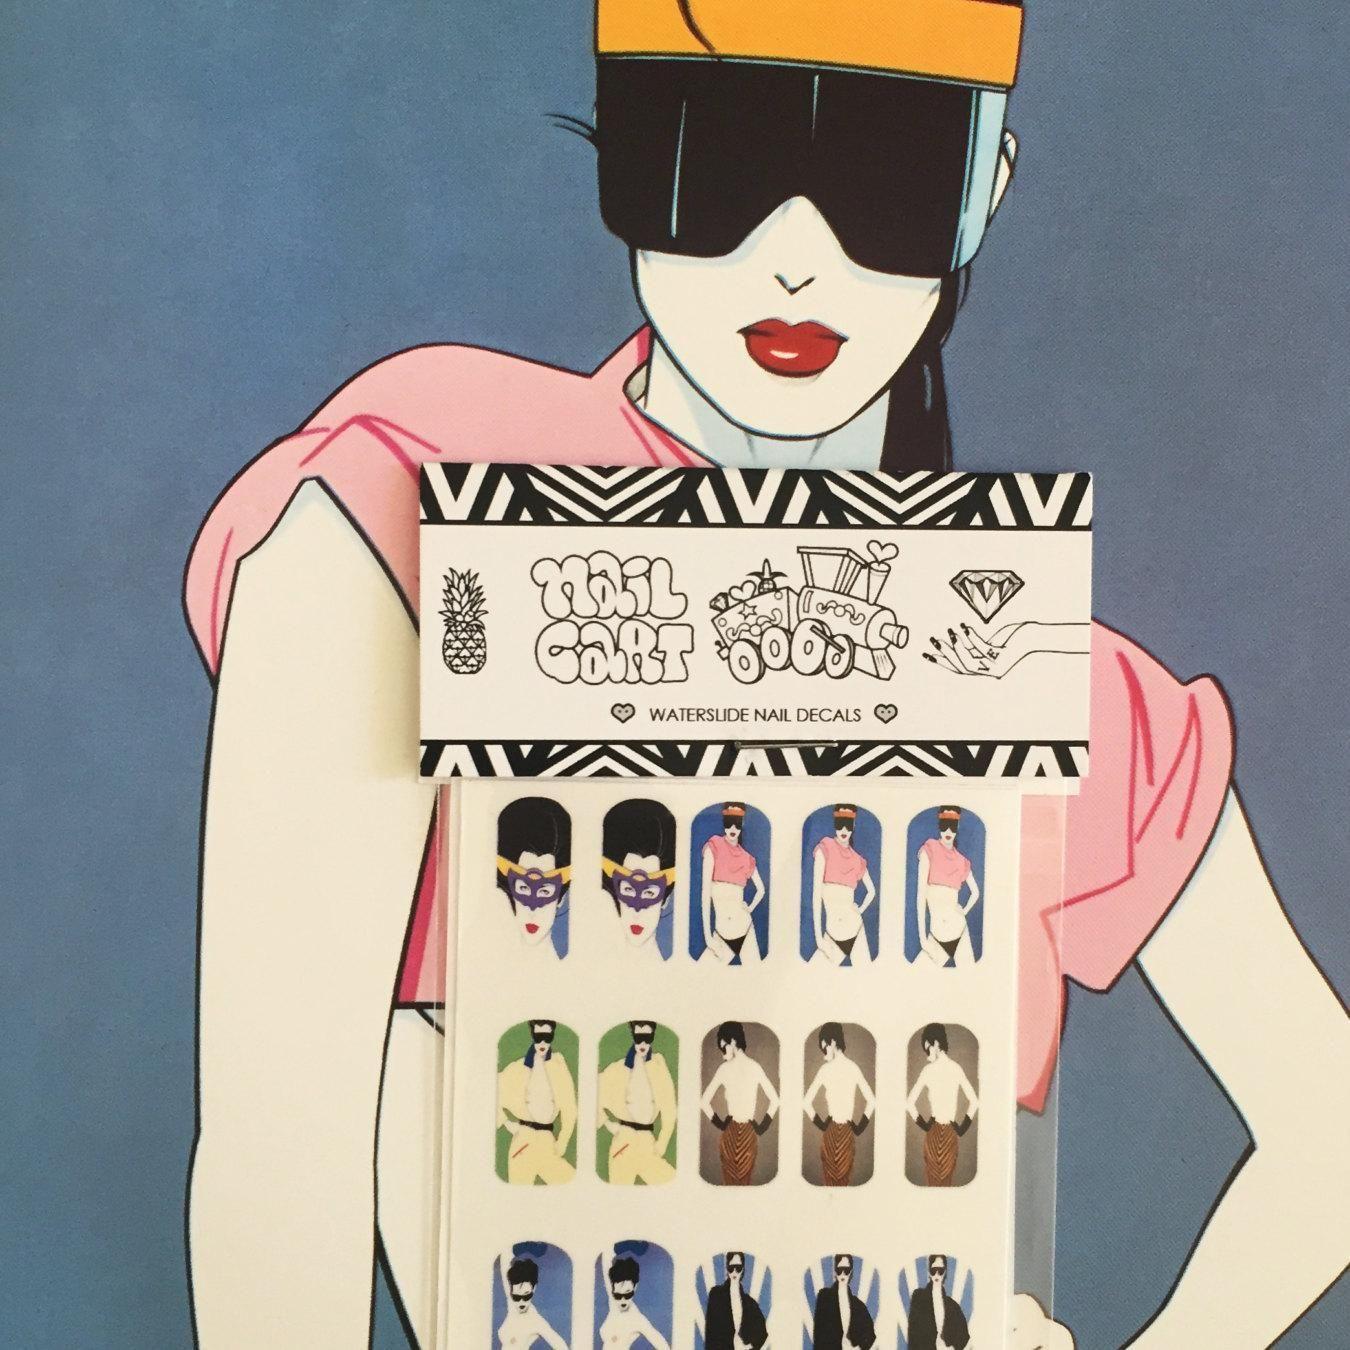 Atemberaubend 90s Nagel Trends Galerie - Nagellack-Ideen ...